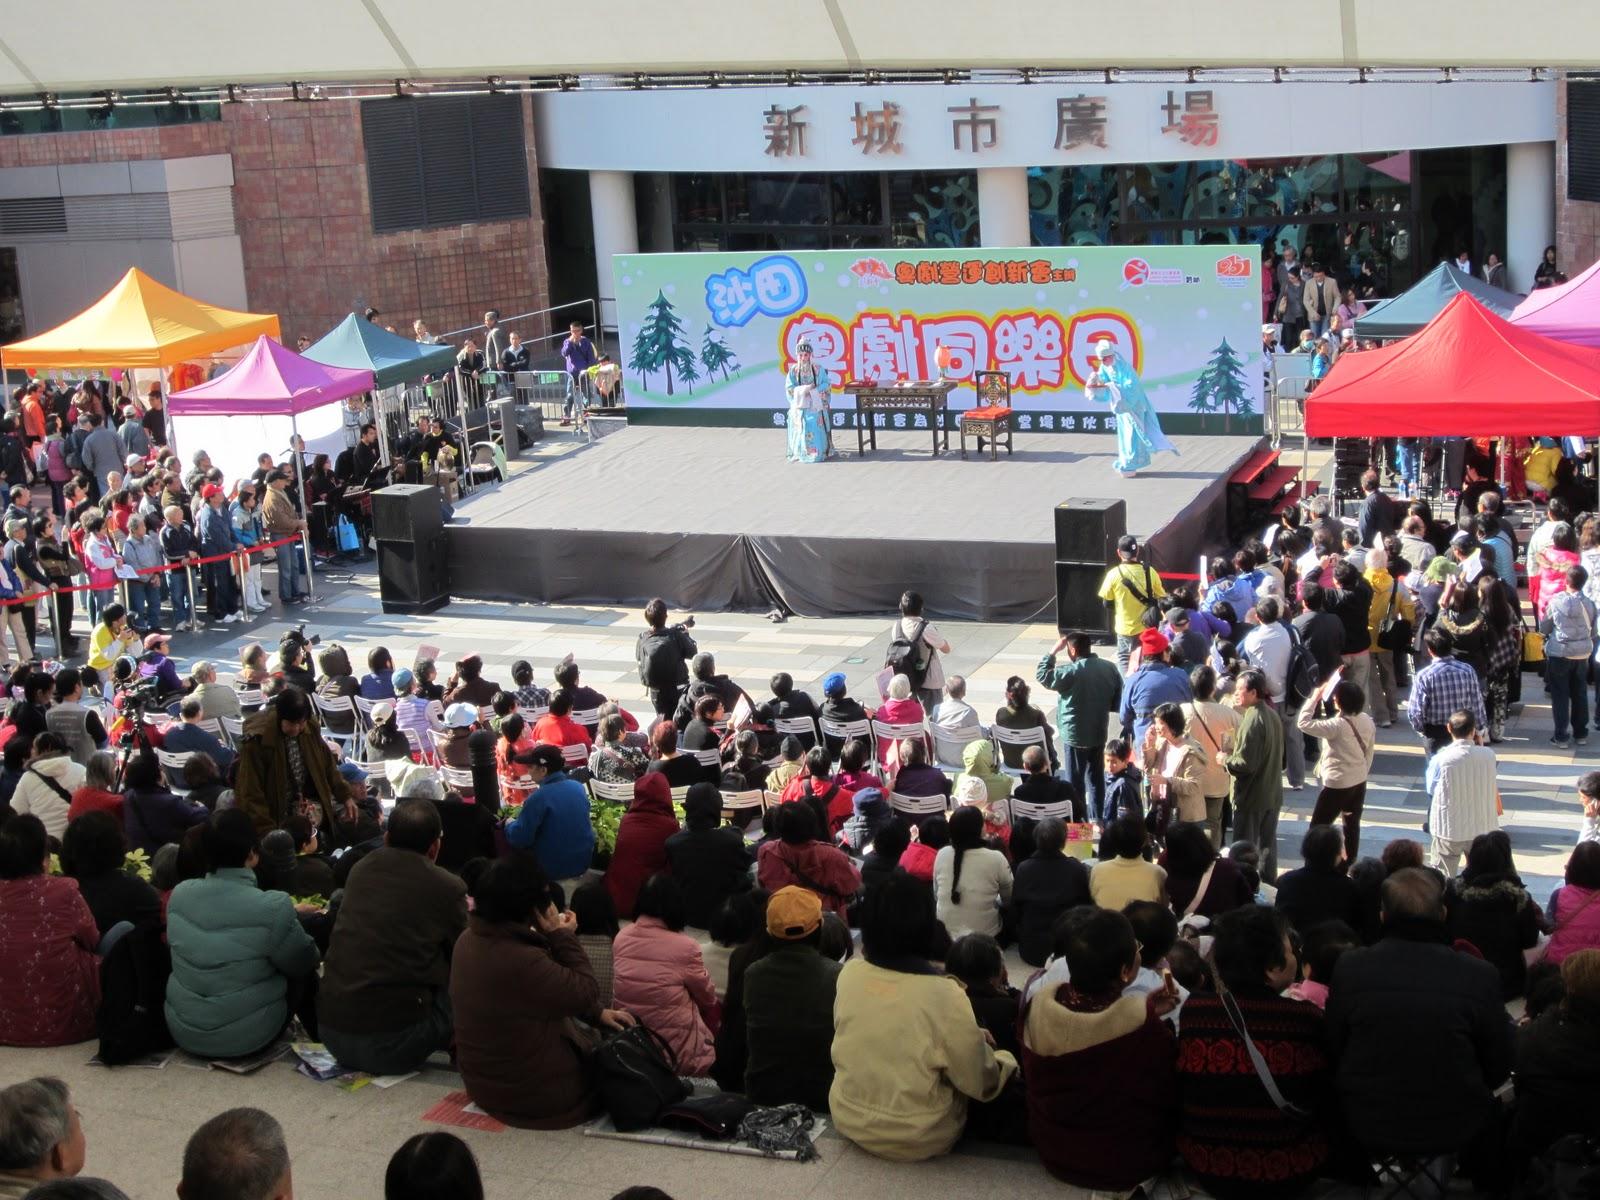 外國月亮: 沙田粵劇同樂日